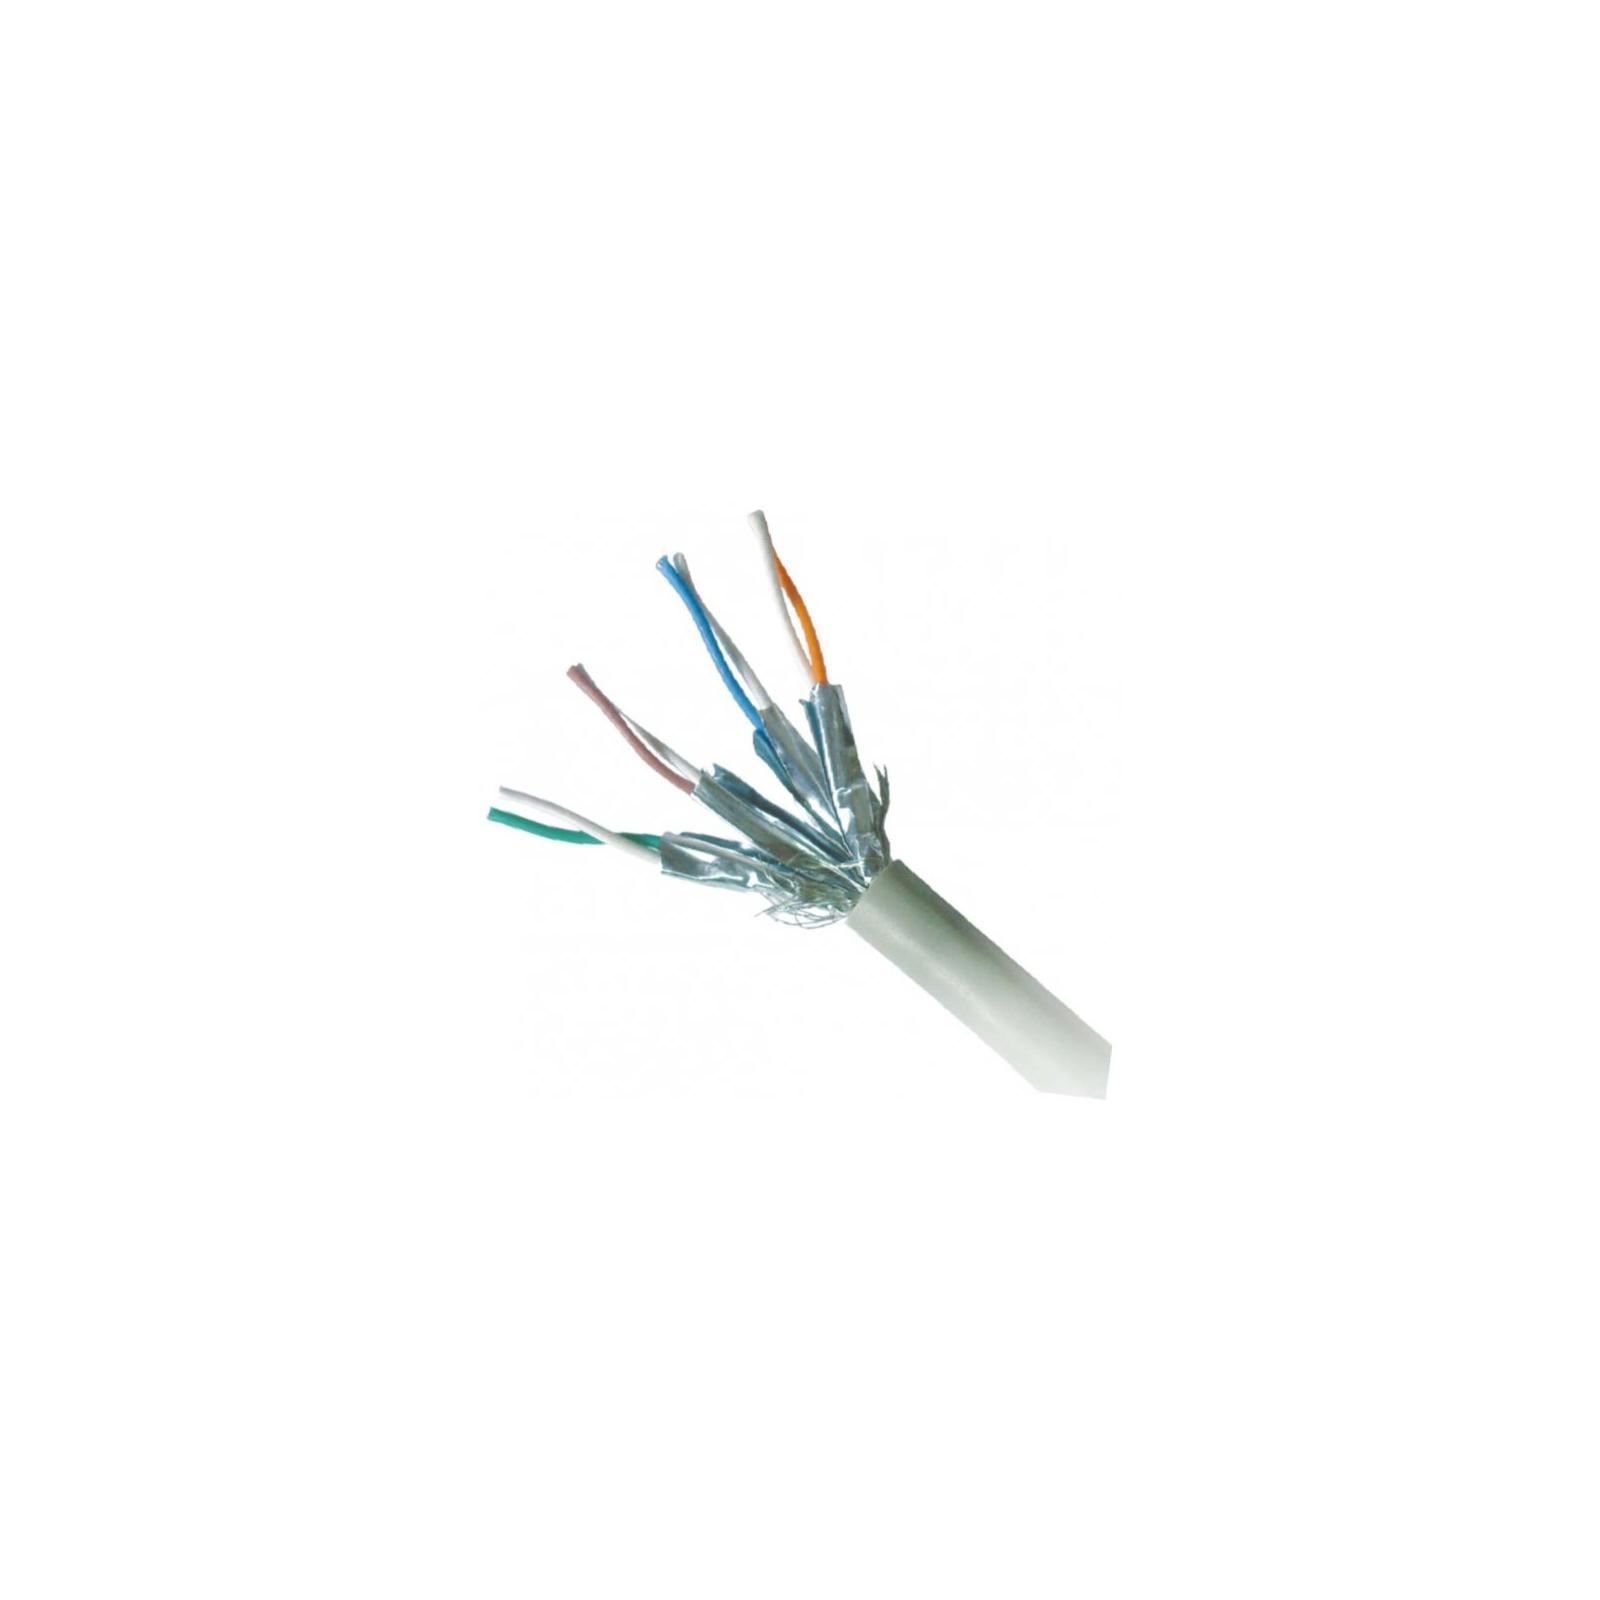 Патч-корд Cablexpert 3м (PP6A-LSZHCU-3M) изображение 2